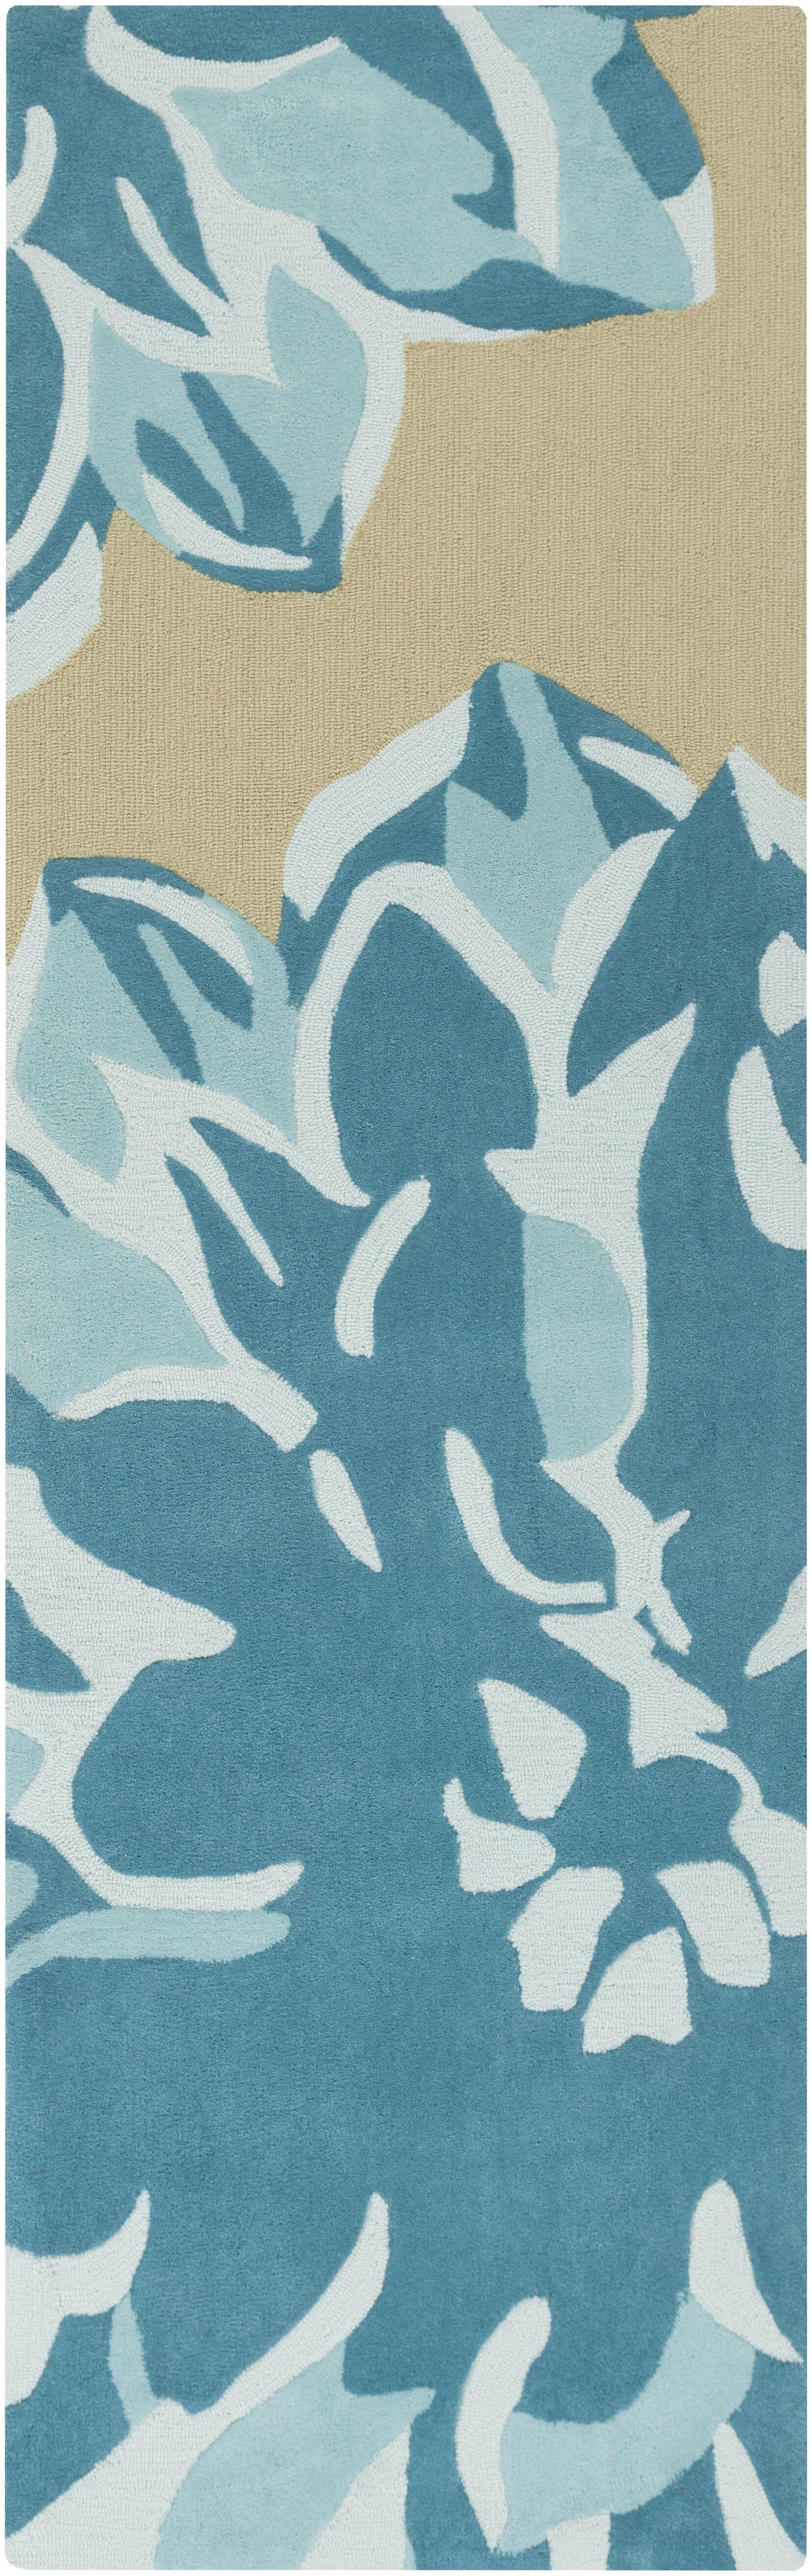 Butner Hand-Tufted Beige/Blue Area Rug Rug Size: Runner 2'6